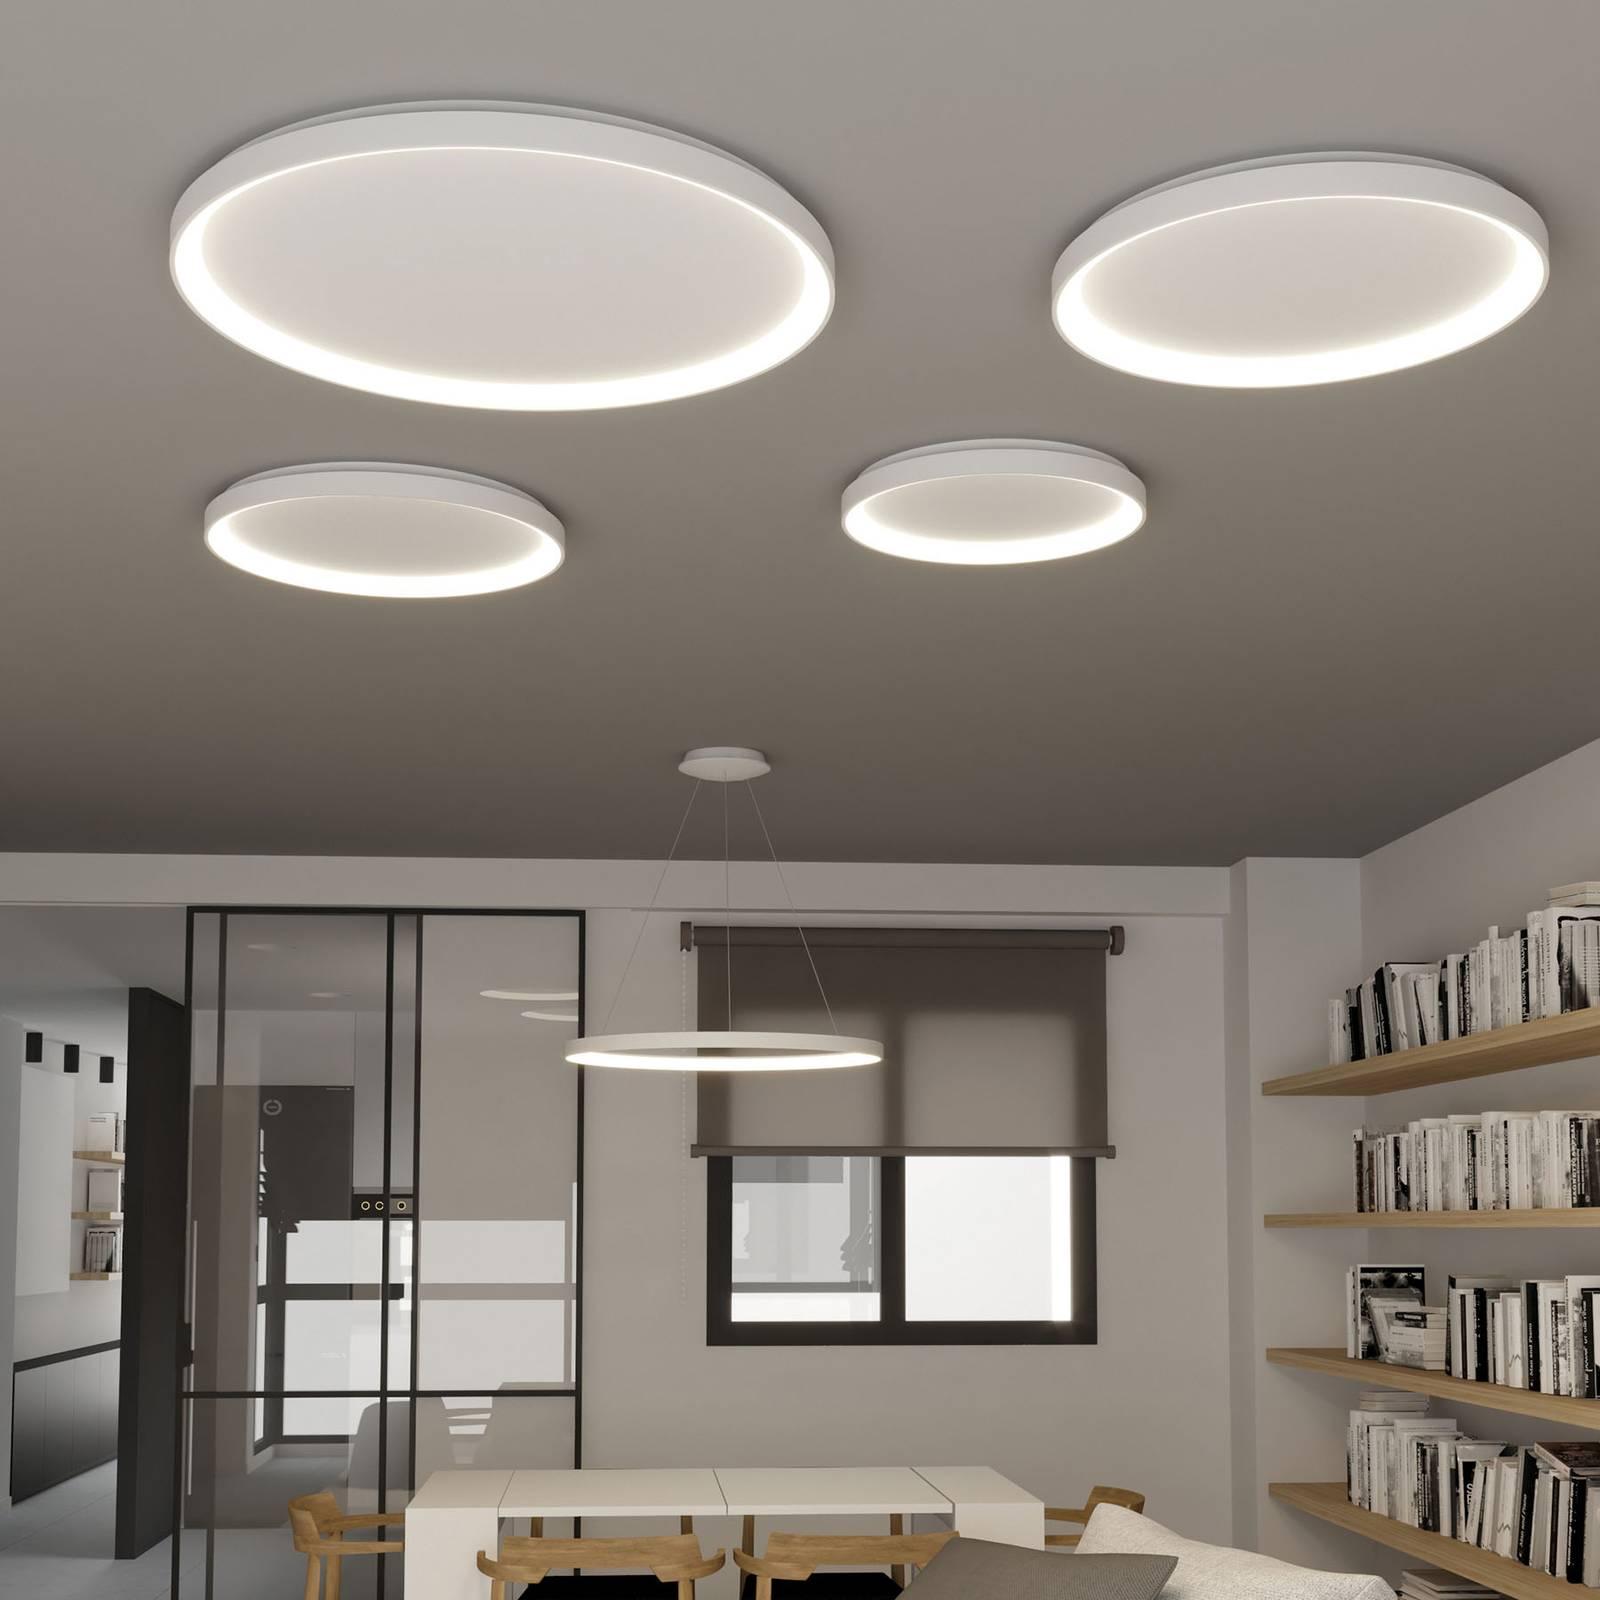 LED plafondlamp Grace, DALI, Ø 58 cm, Casambi